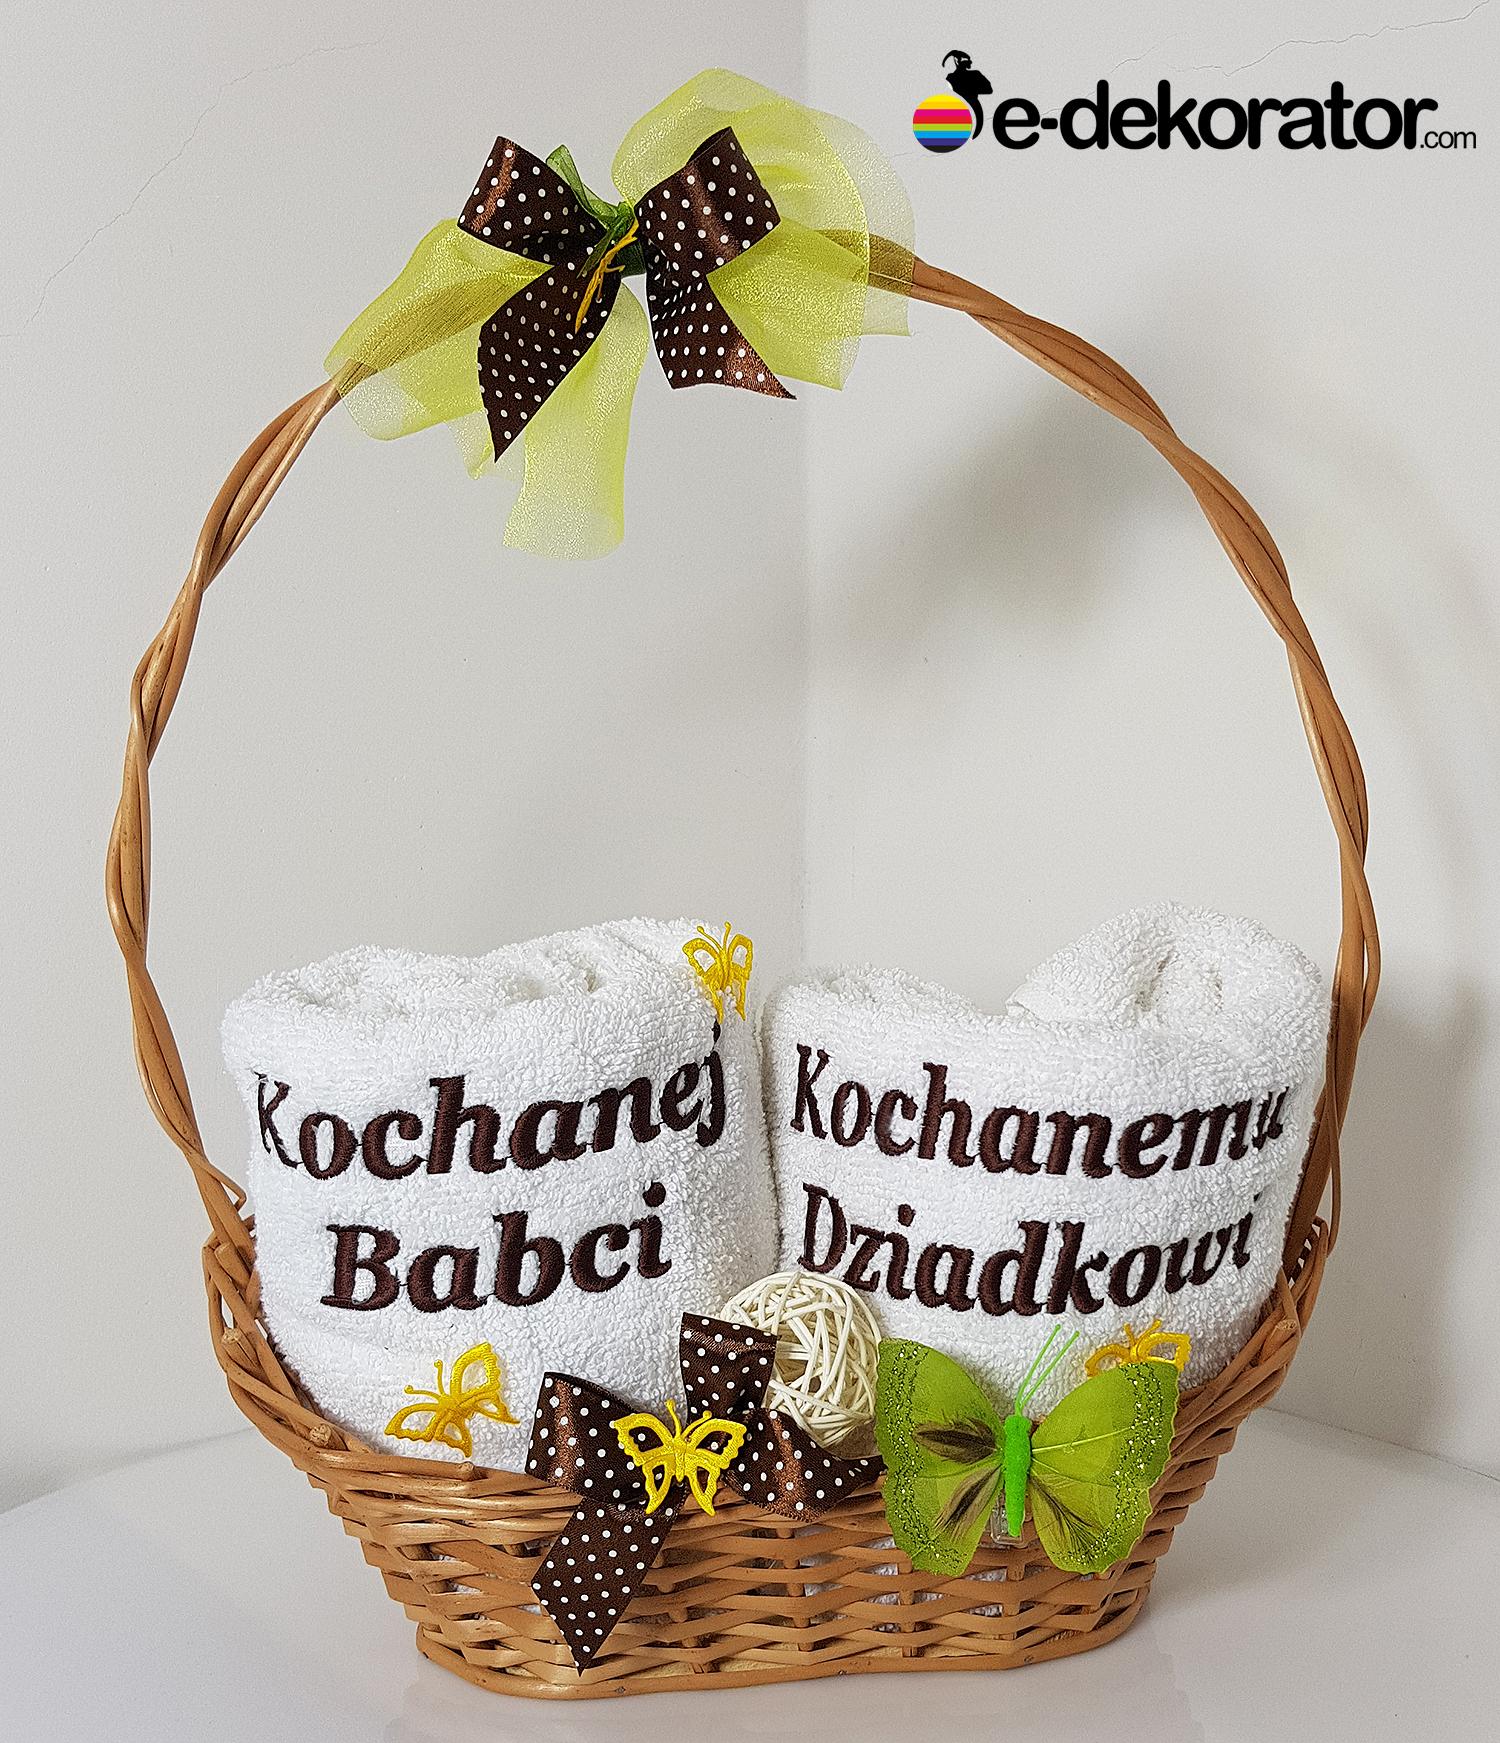 KOSZ GRAND zestaw ręczników z haftem - Kochanej Babci - Kochanemu Dziadkowi 2x50x100cm